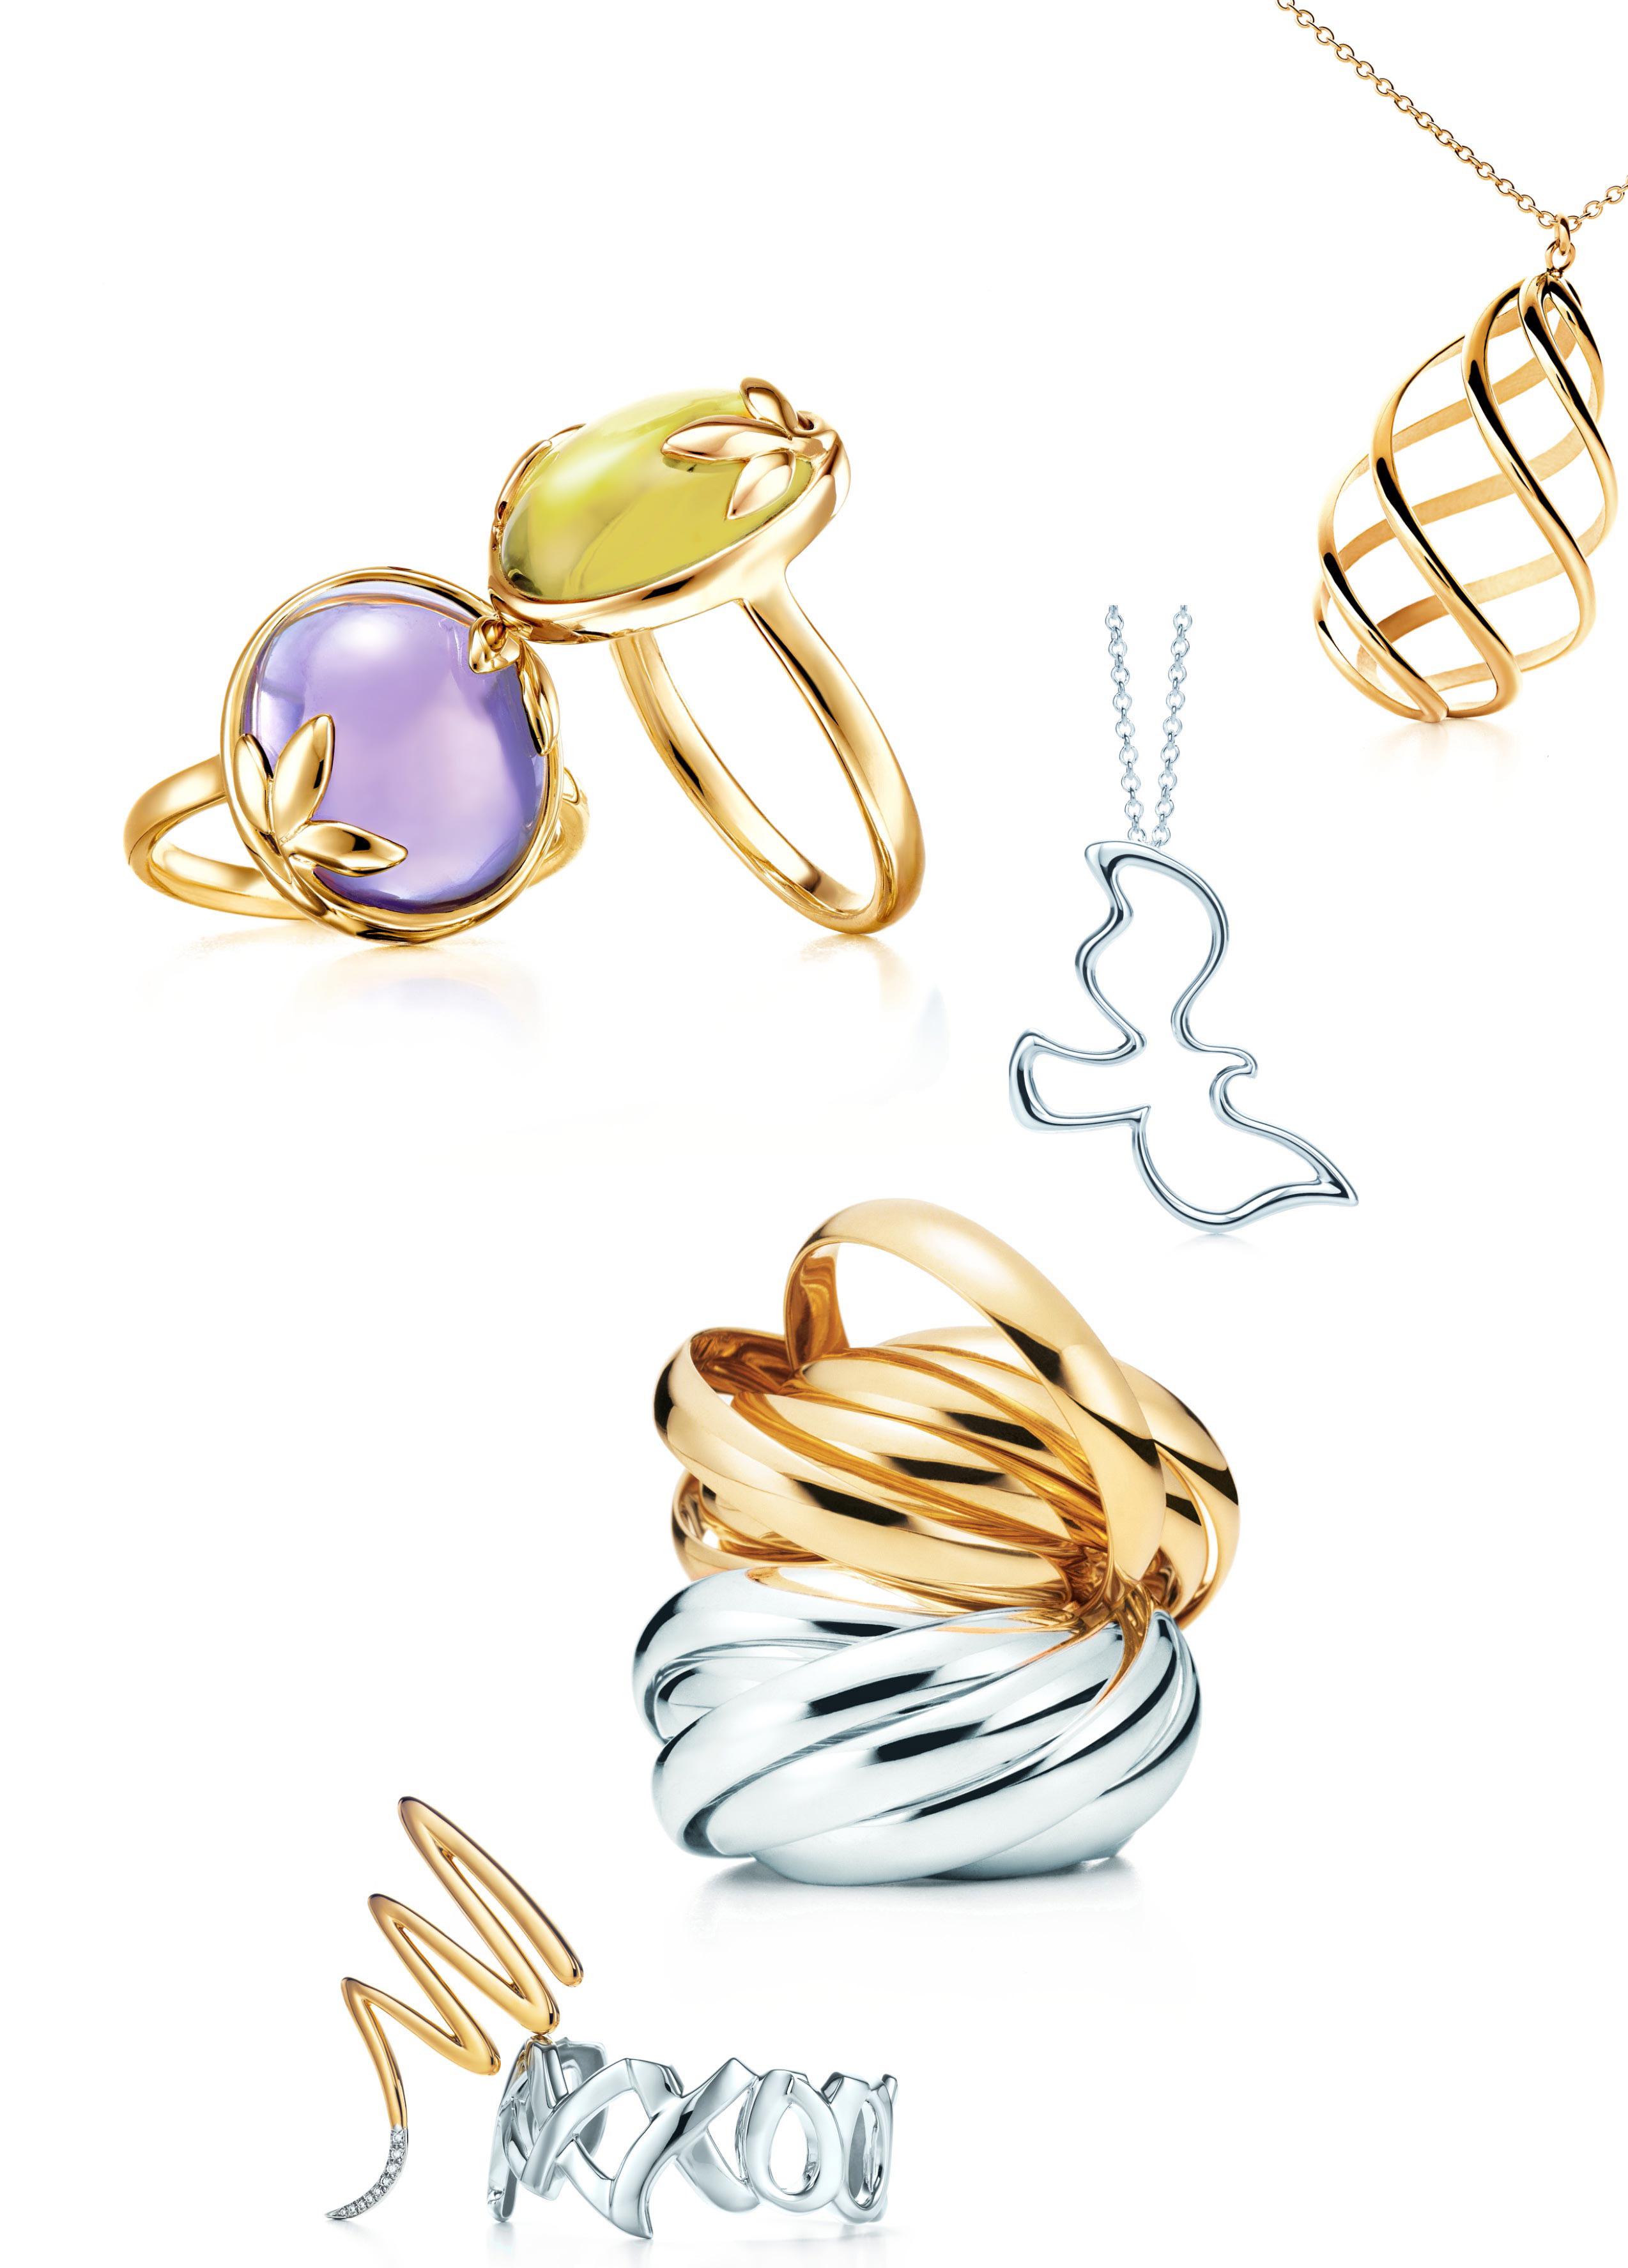 帕洛玛为蒂芙尼设计多个系列   1979年,她应蒂芙尼设计总监John Loring之邀为蒂芙尼的一次展会设计展台背景。一年后,帕洛玛的首个专属珠宝系列在蒂芙尼隆重面世。帕洛玛是一位名副其实的艺术家,她运用光泽鲜丽的彩色宝石大胆开创了独树一帜的设计风格,因此而名声大噪。